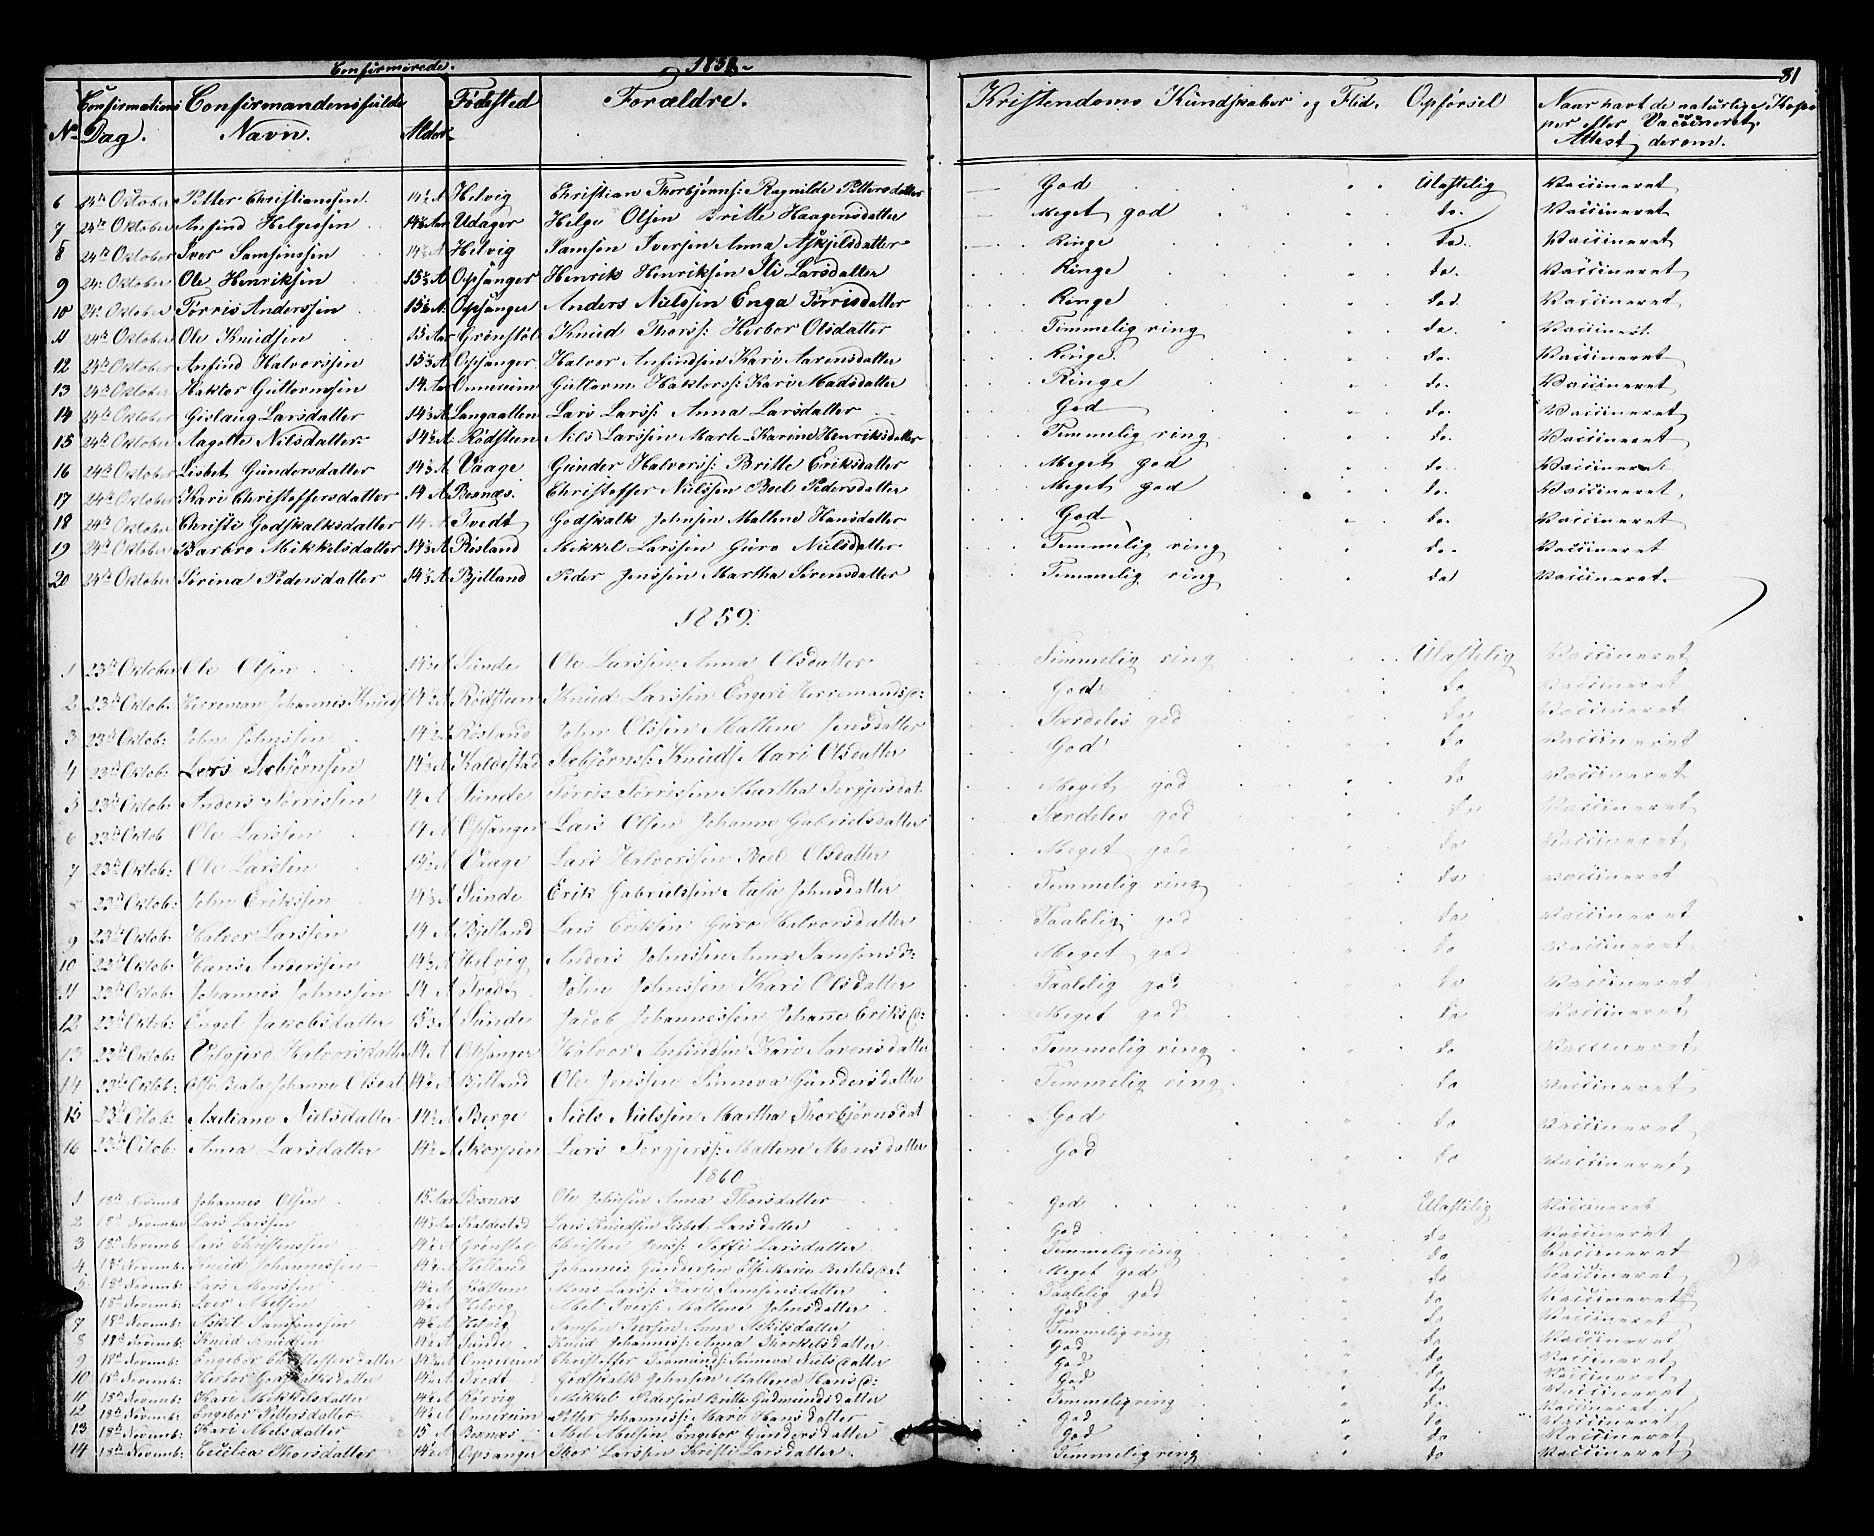 SAB, Husnes Sokneprestembete, H/Hab: Klokkerbok nr. A 1, 1856-1880, s. 81